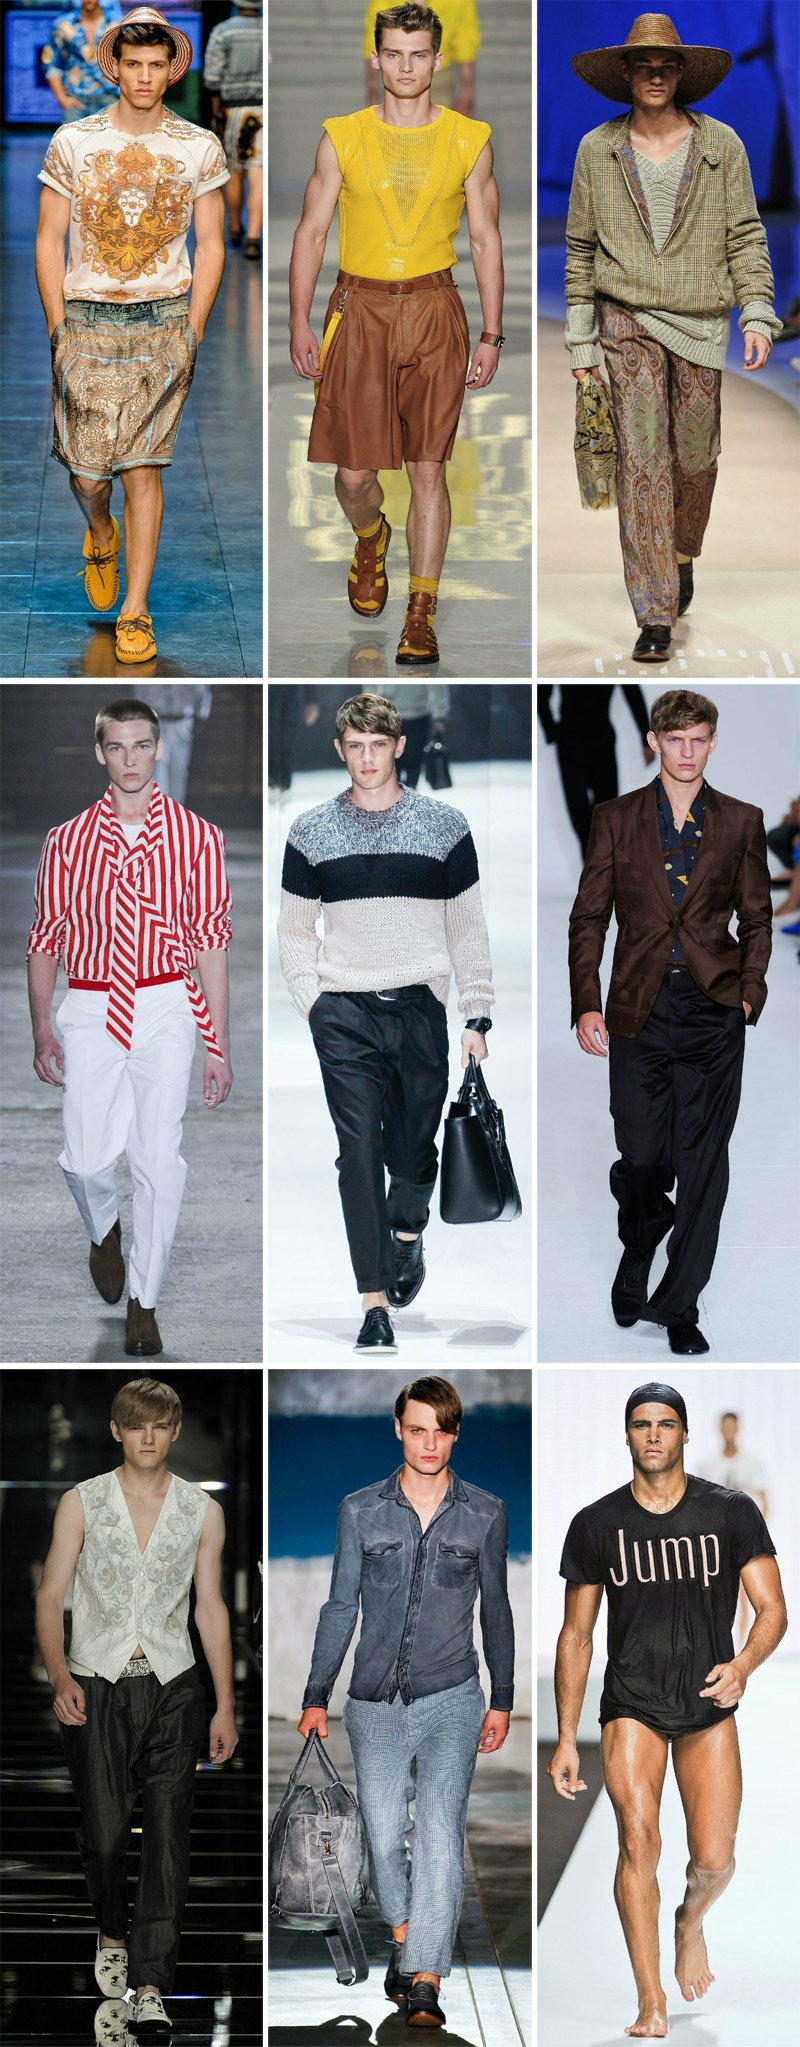 day3 Milan Fashion Week Spring 2012: Day 3